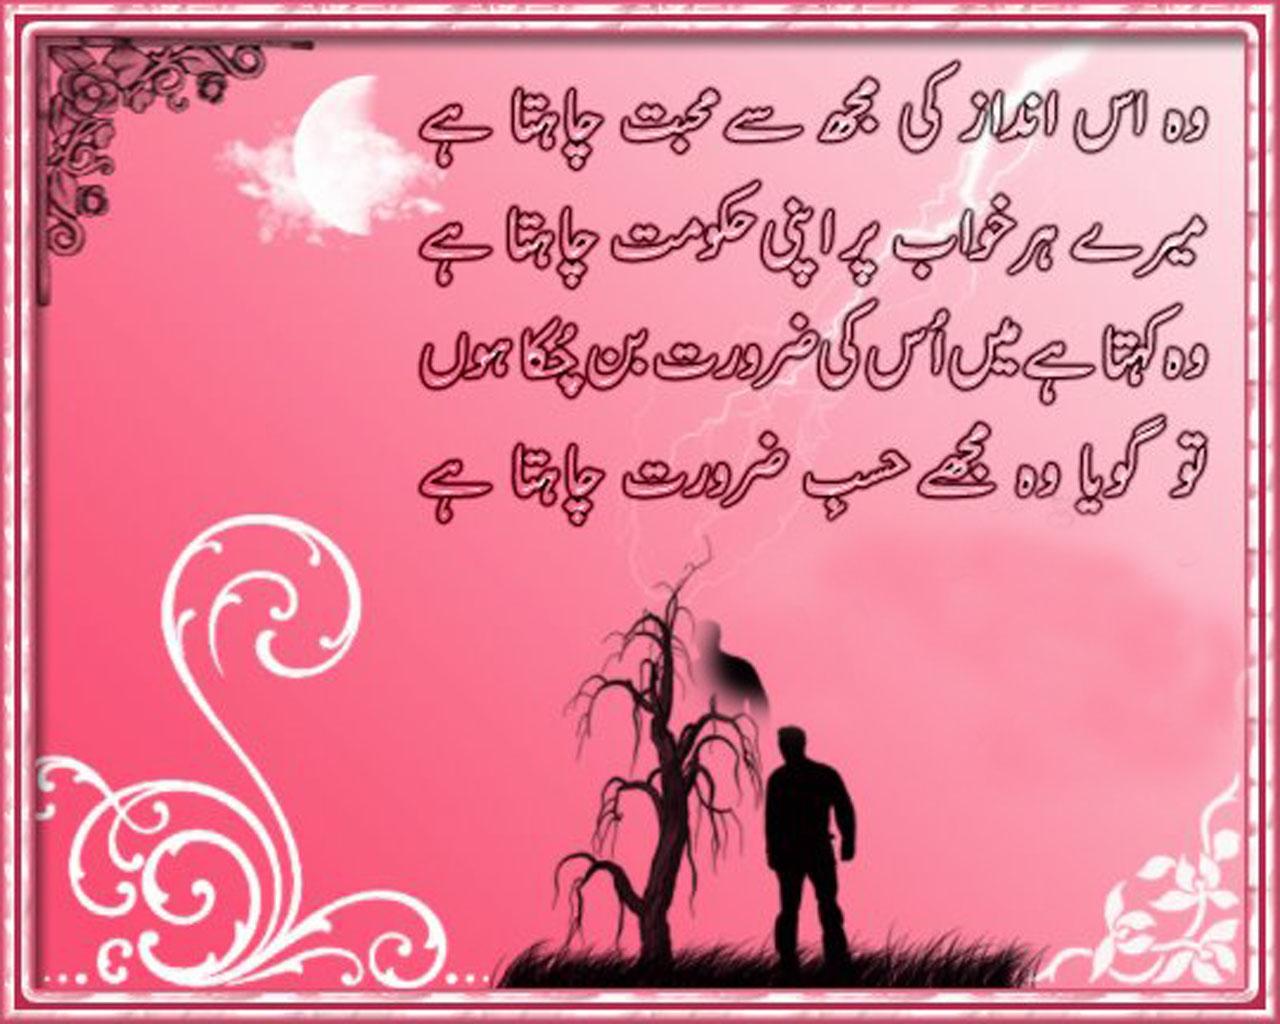 50 Love Poetry Wallpapers In Urdu On Wallpapersafari